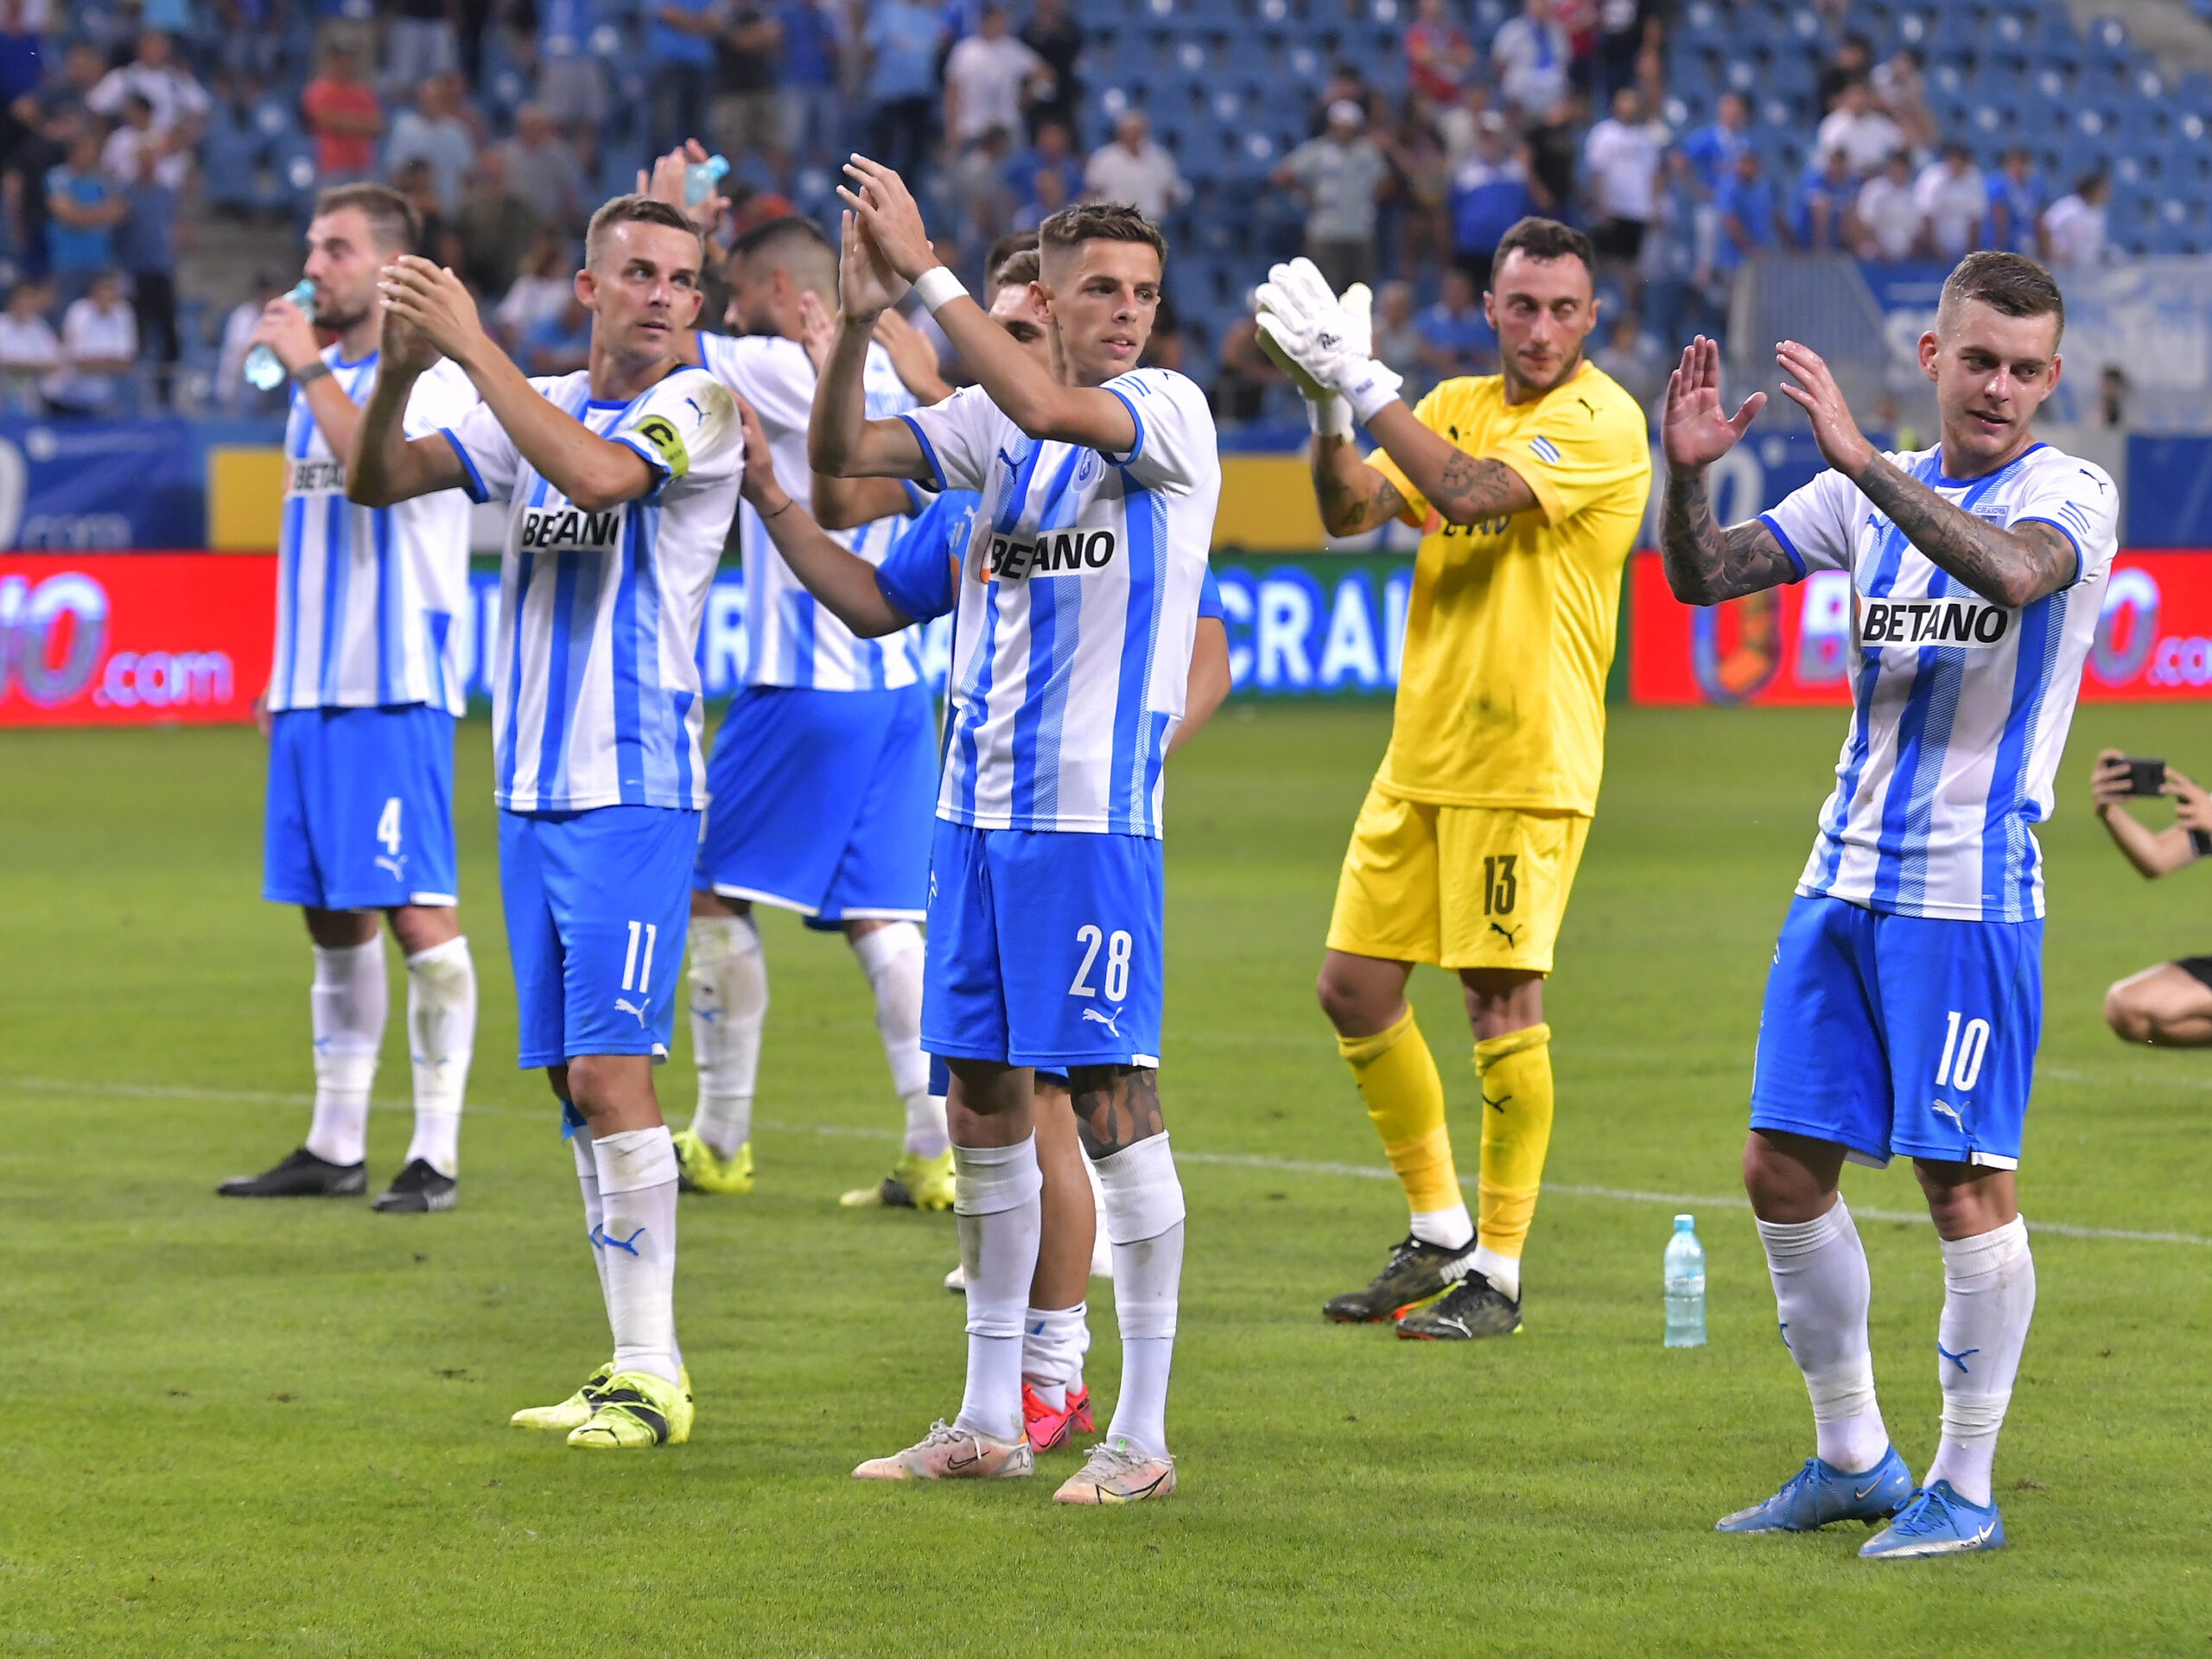 Universitatea Craiova, jucătorii salută galeria